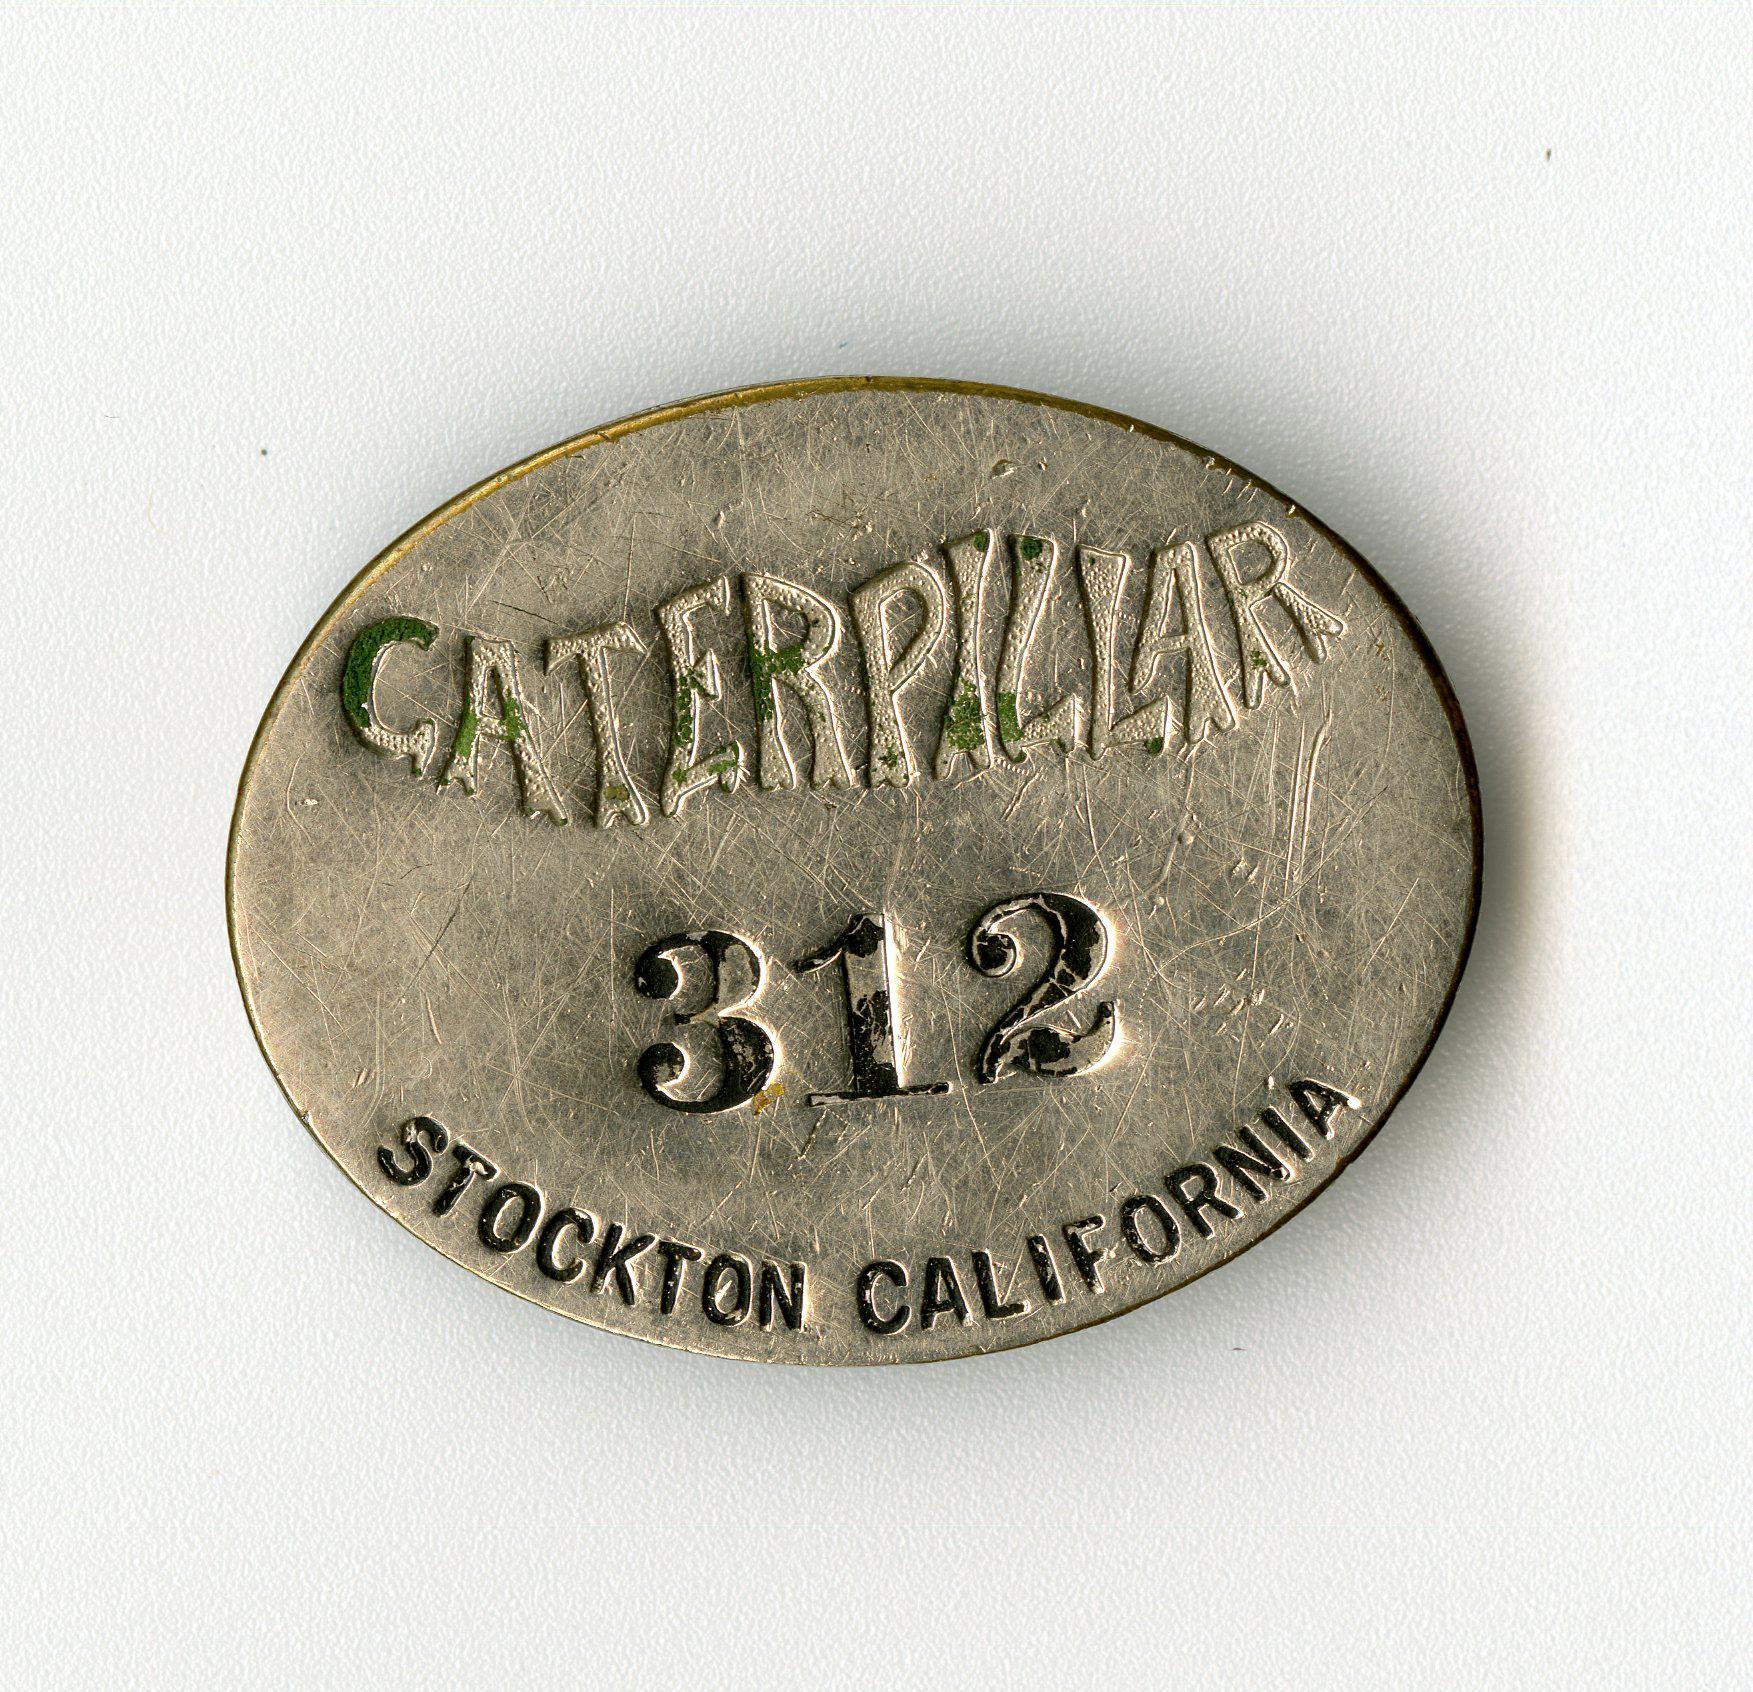 Holt Caterpillar Employee Badge 1910